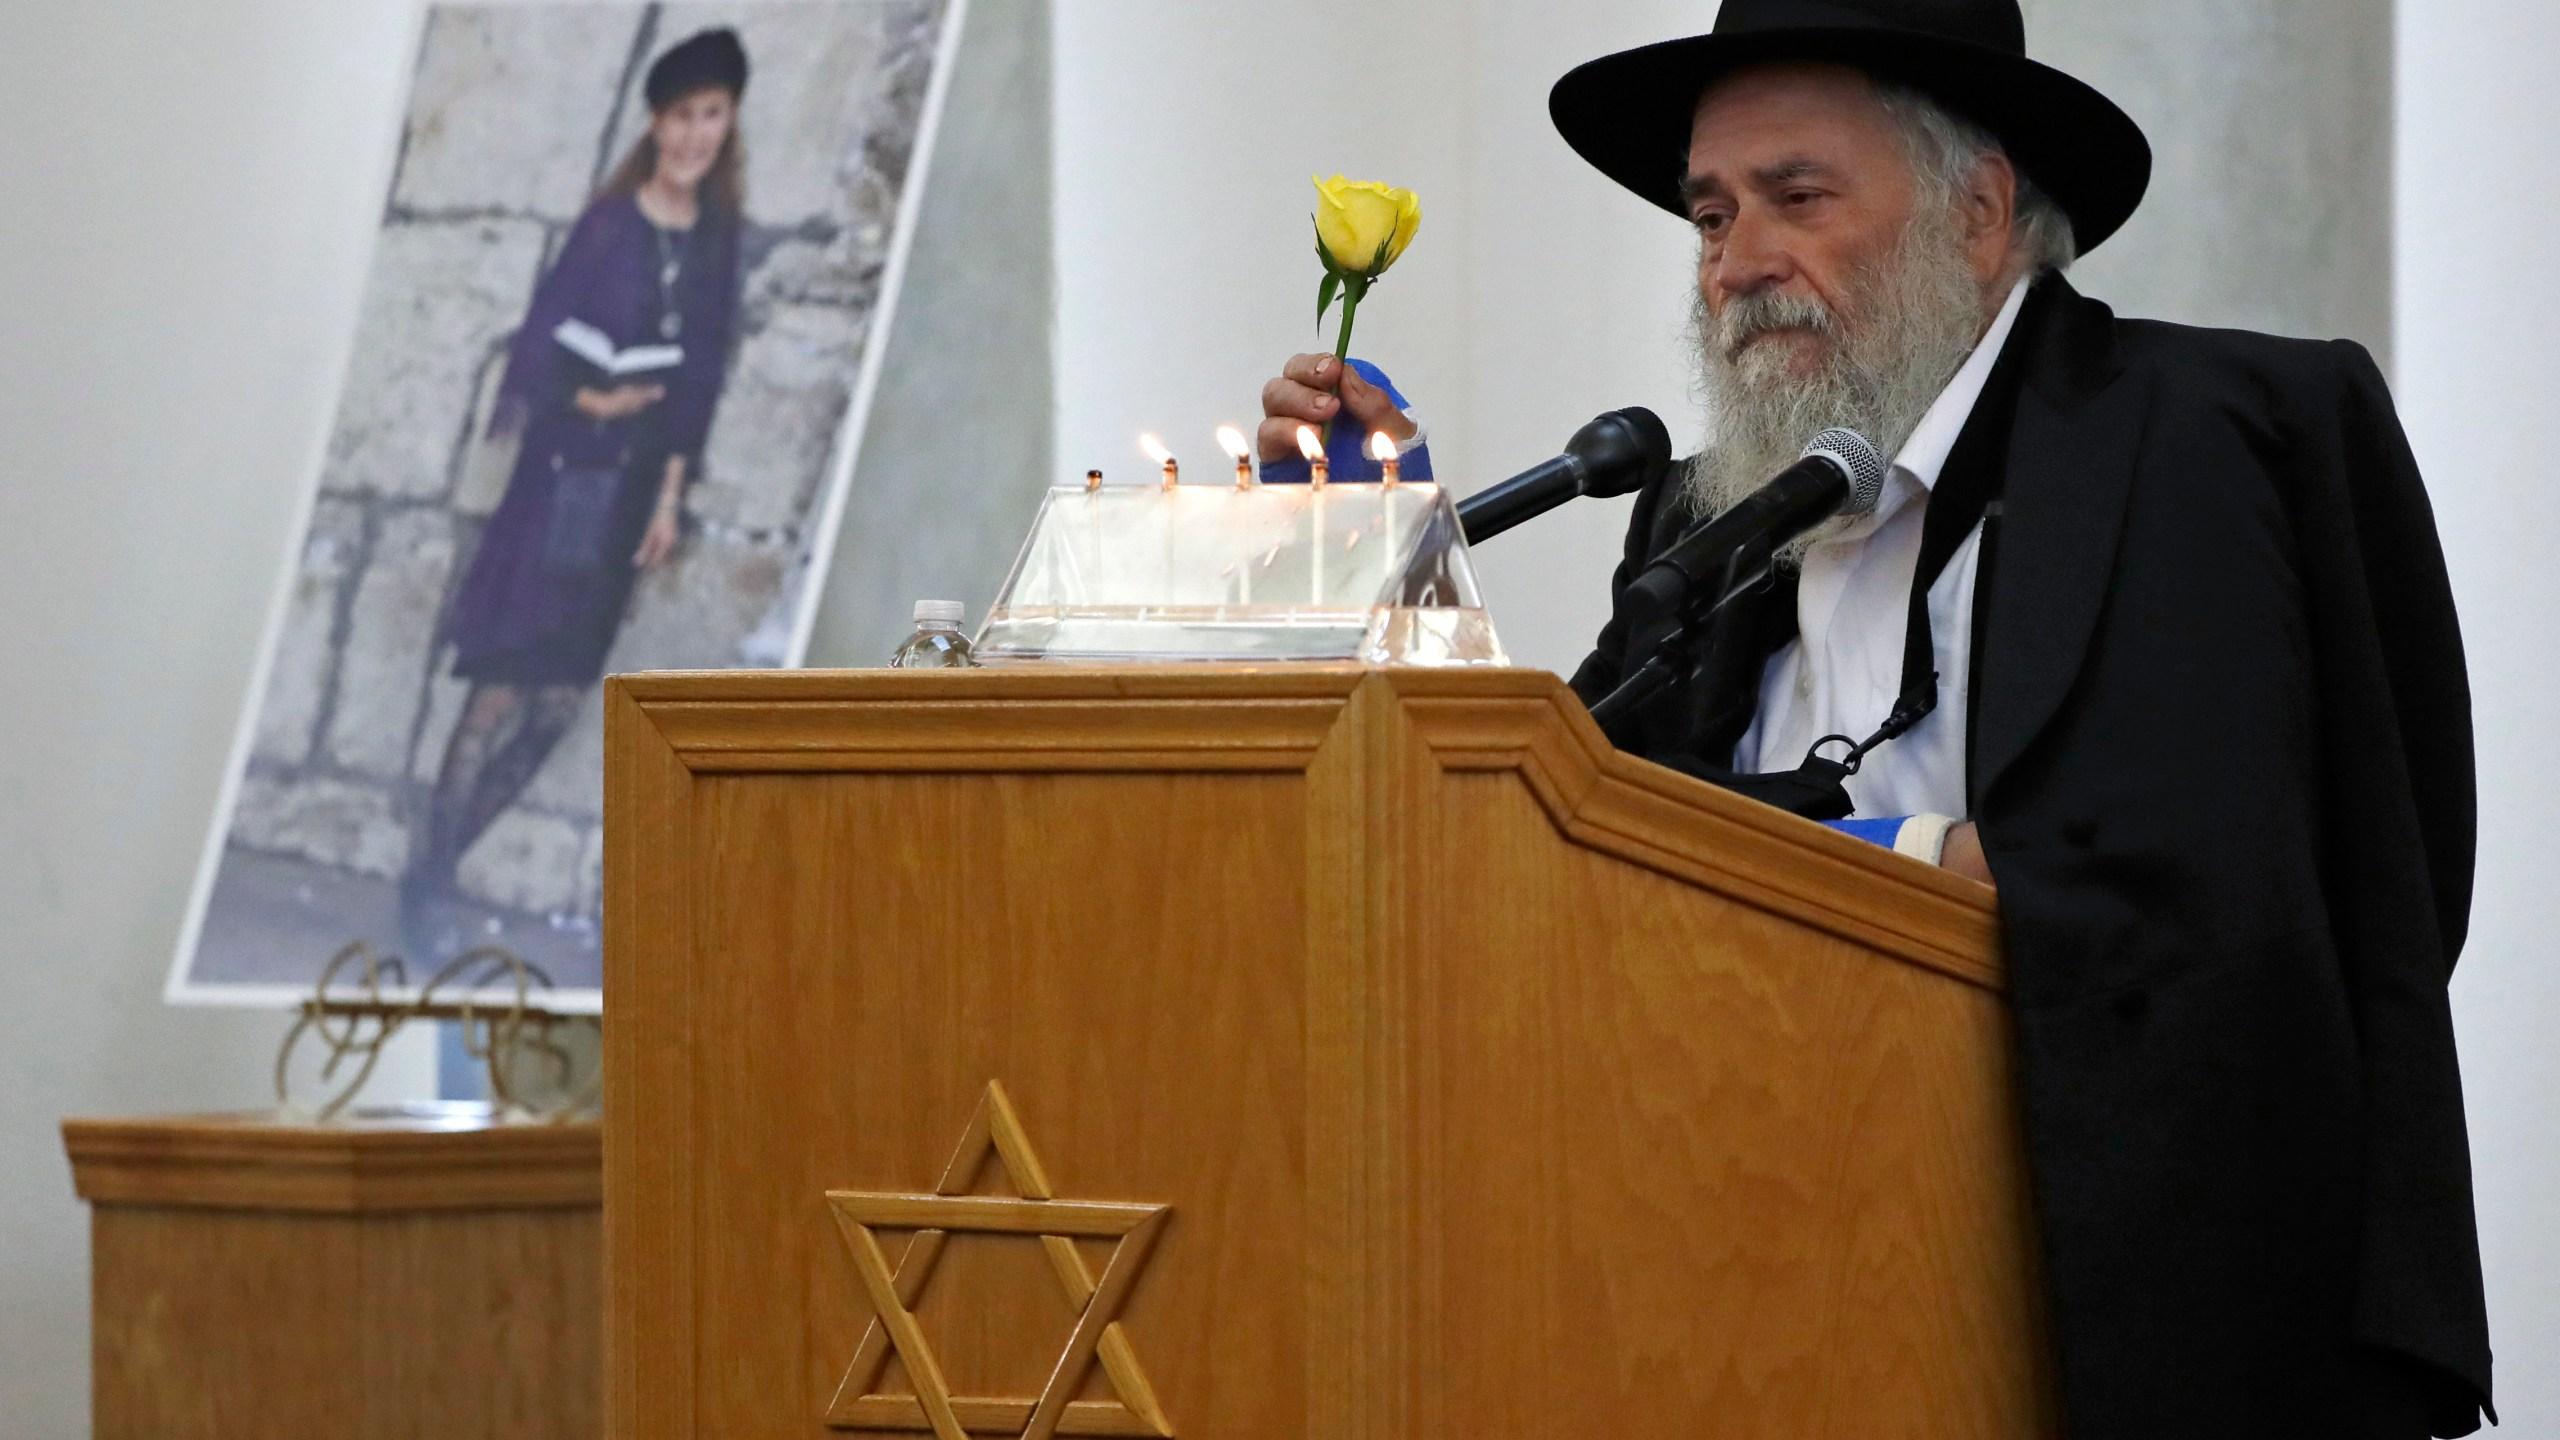 Synagogue-Shooting-California_1556590132858